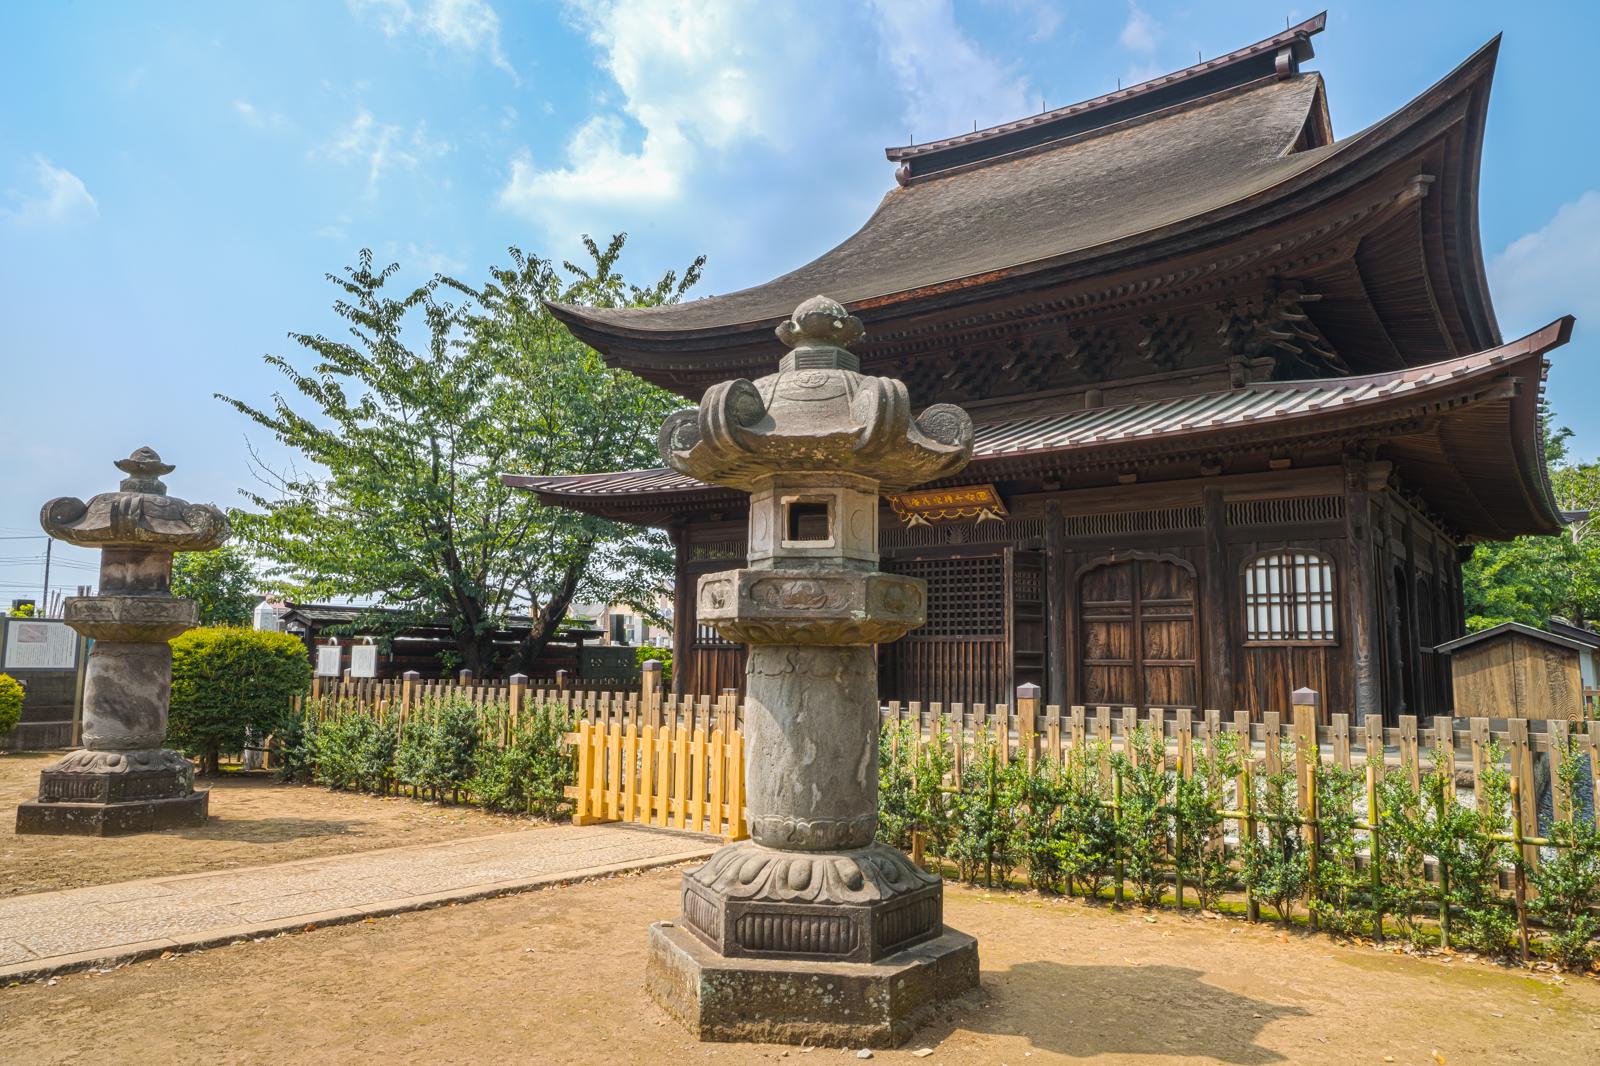 国宝、正福寺千体地蔵堂の写真